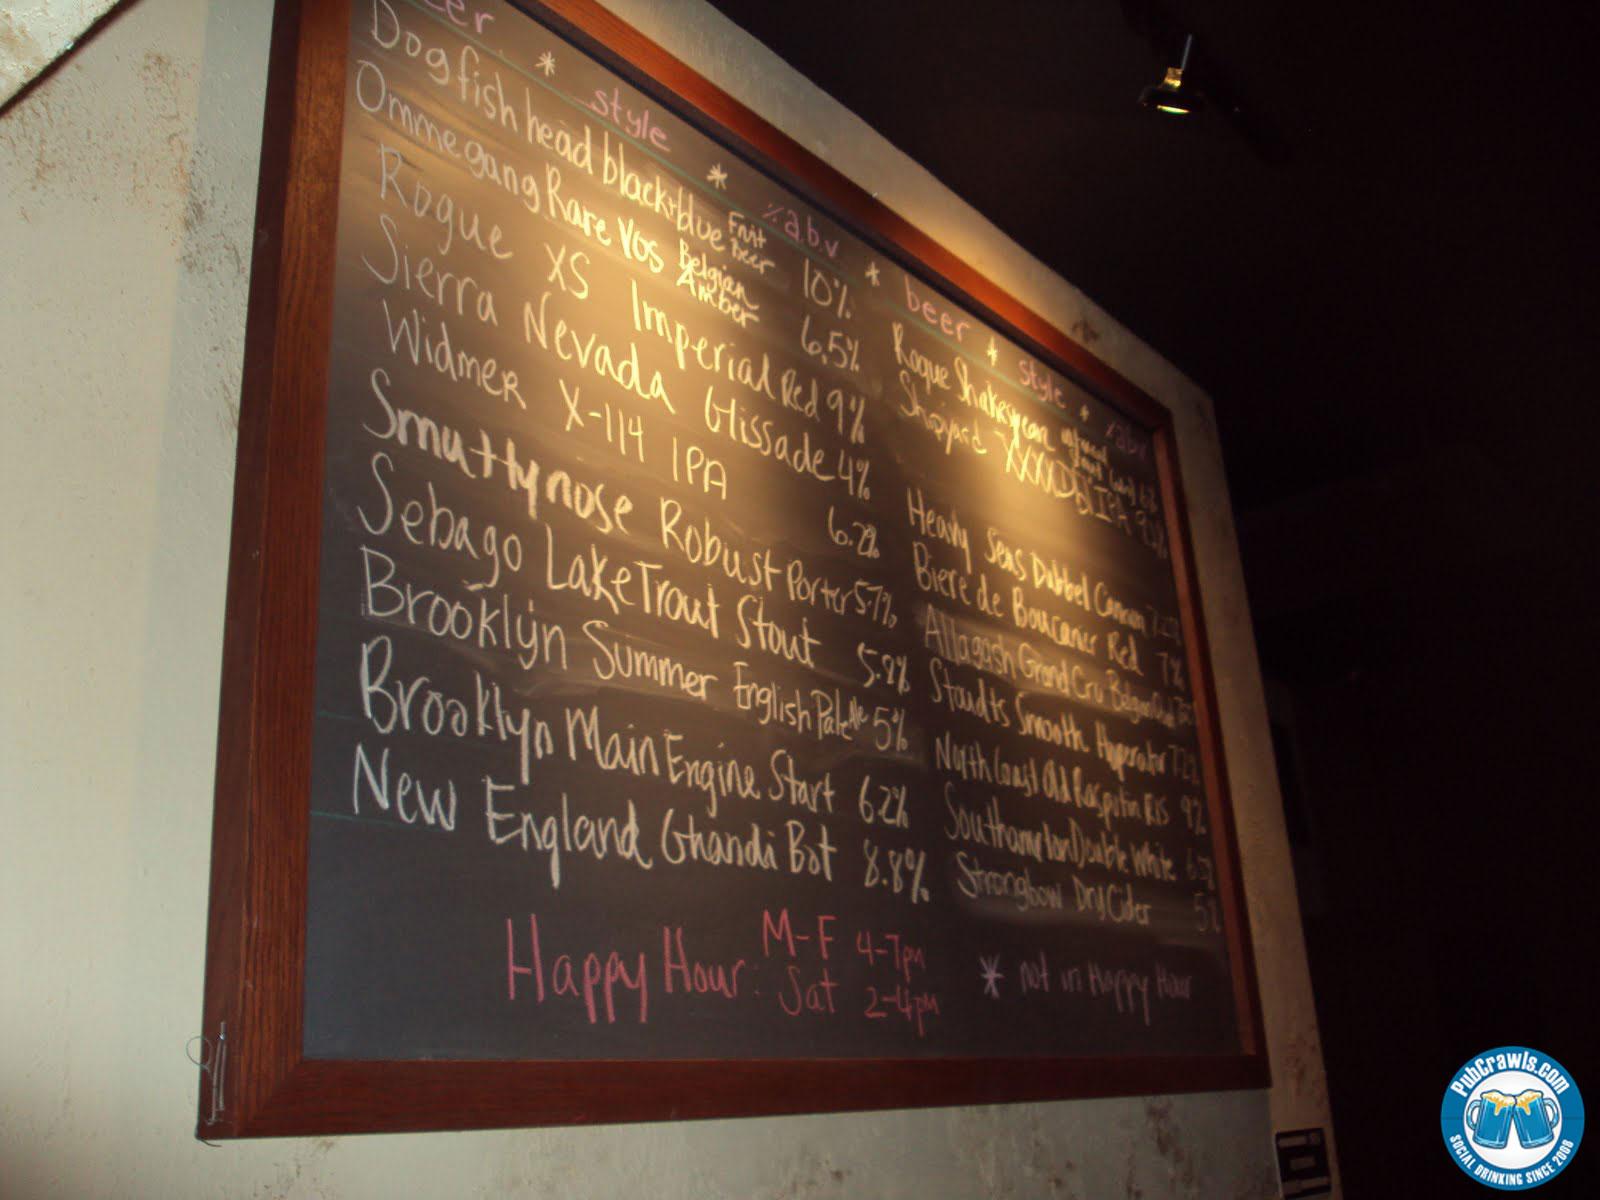 Prime 16 Beer List - Between Two Rocks